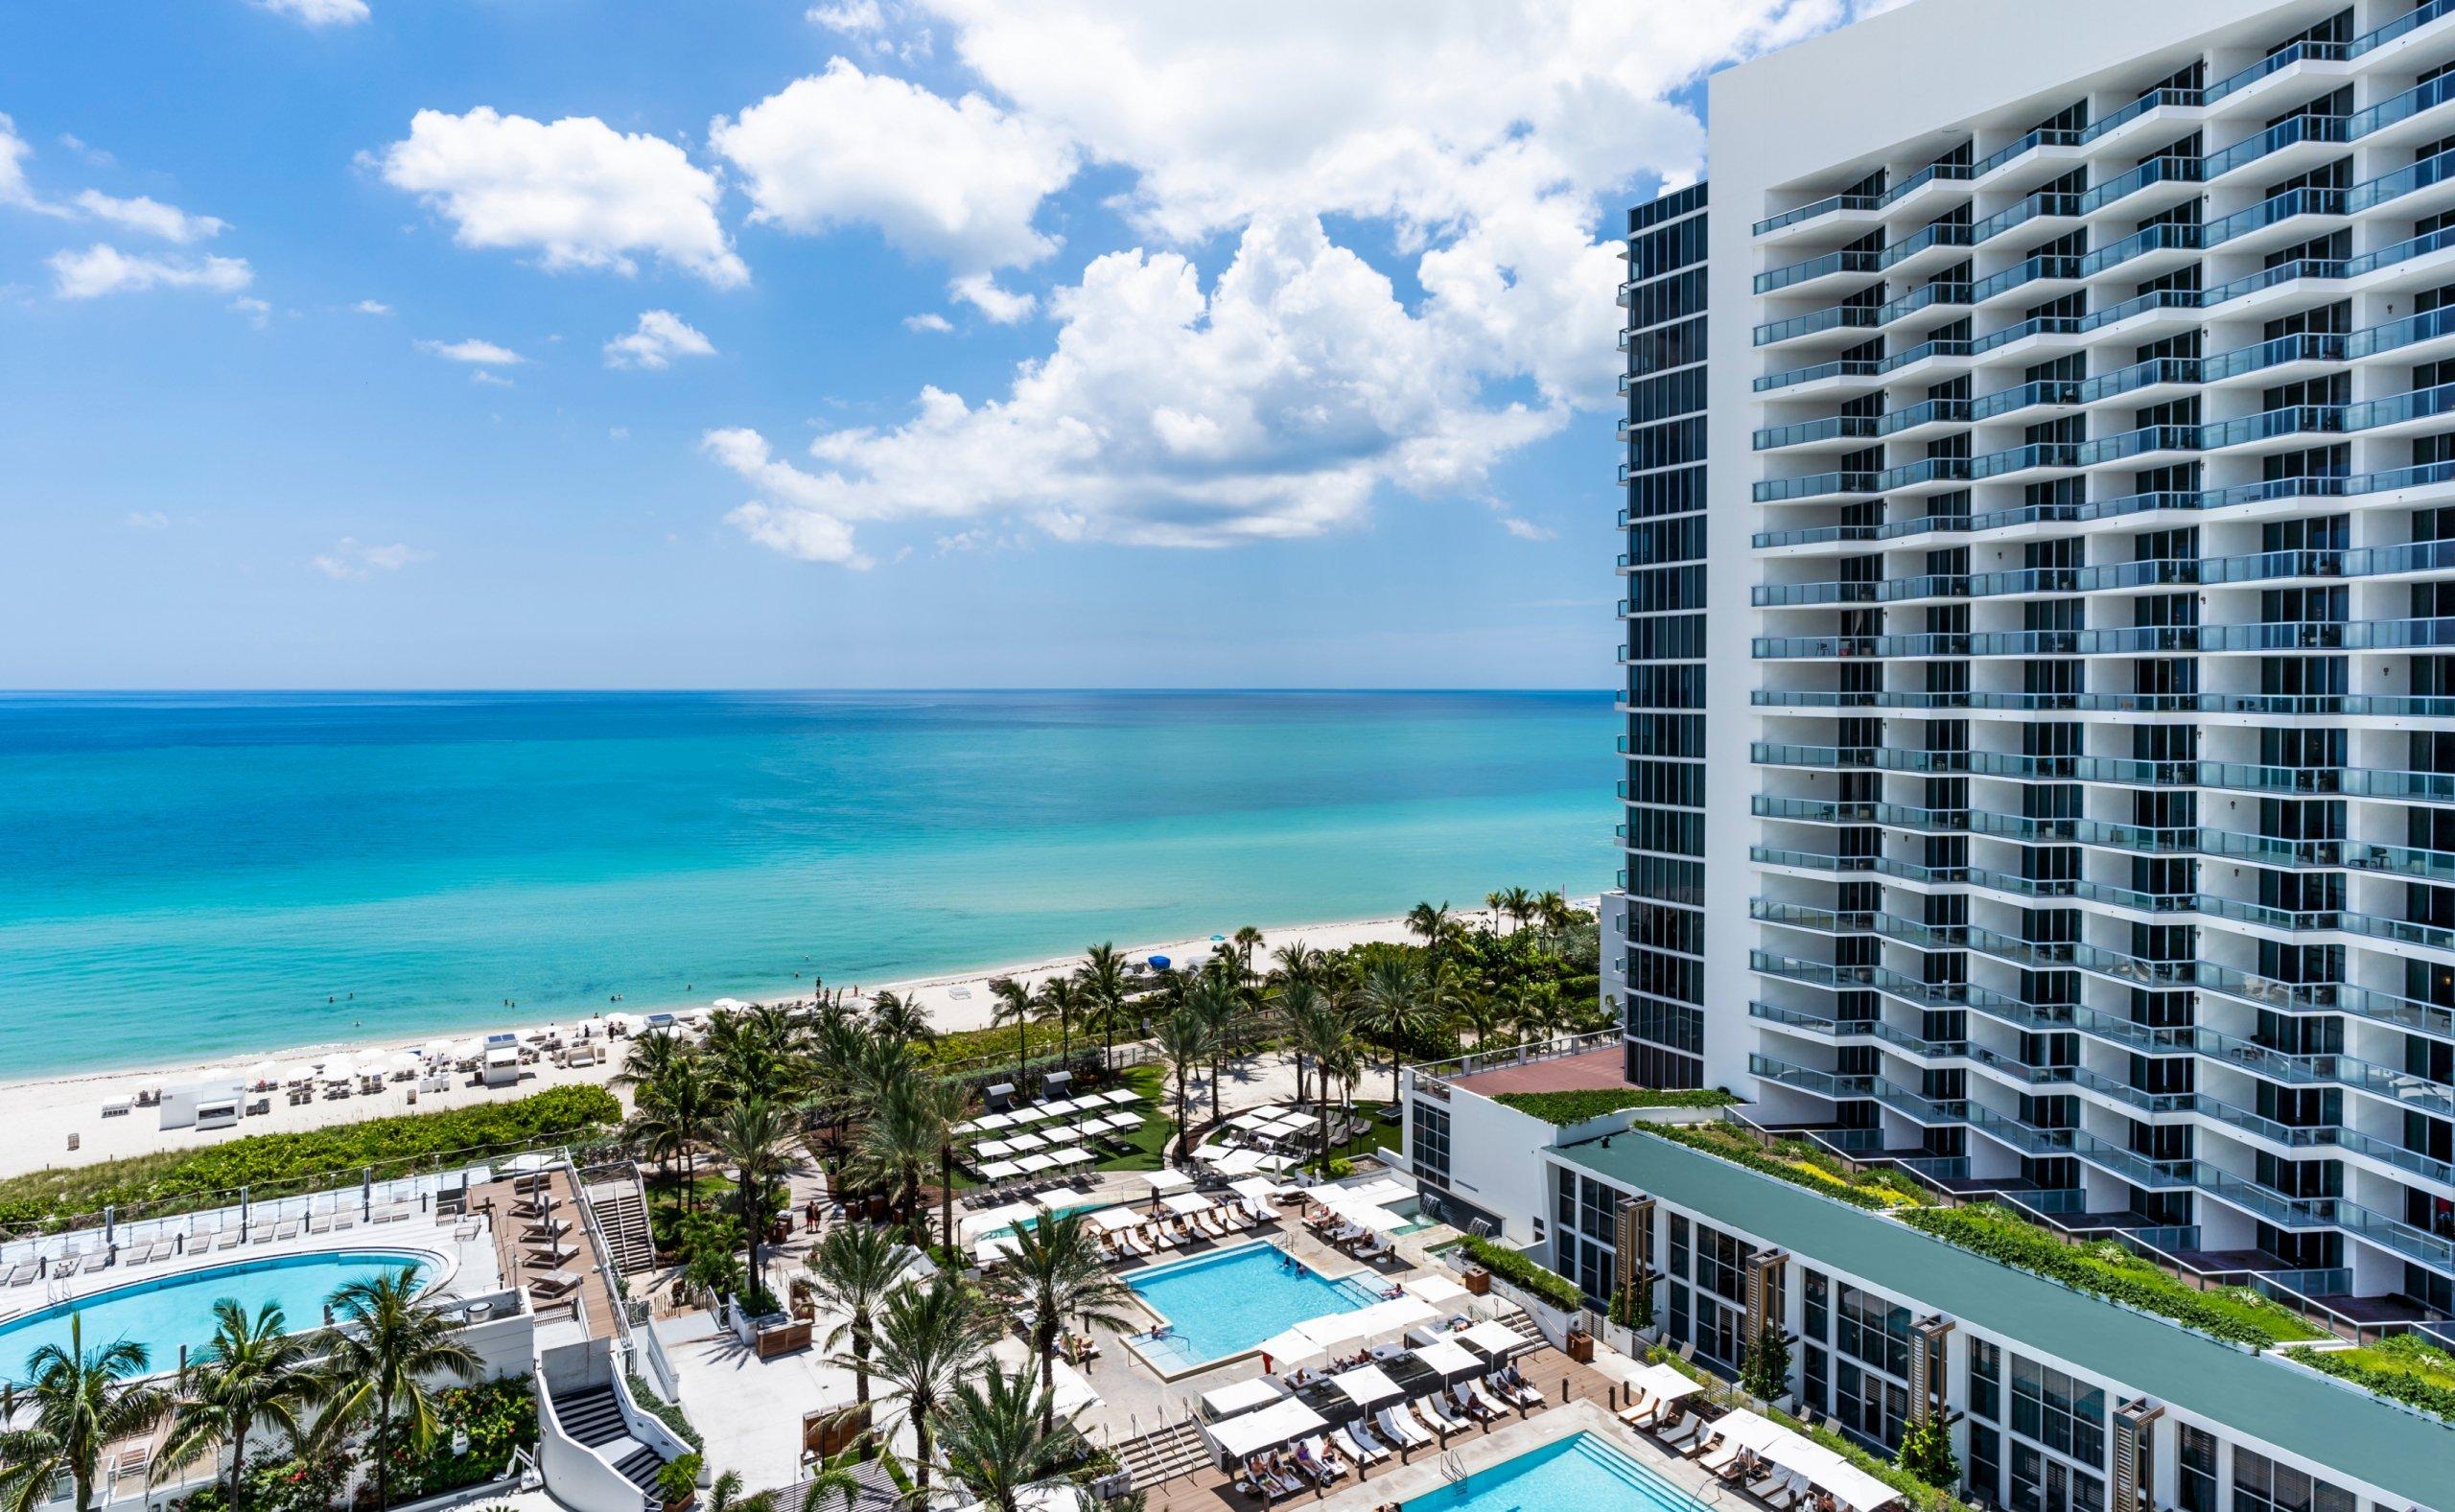 View of Beachfront Pool at Eden Roc Miami Beach